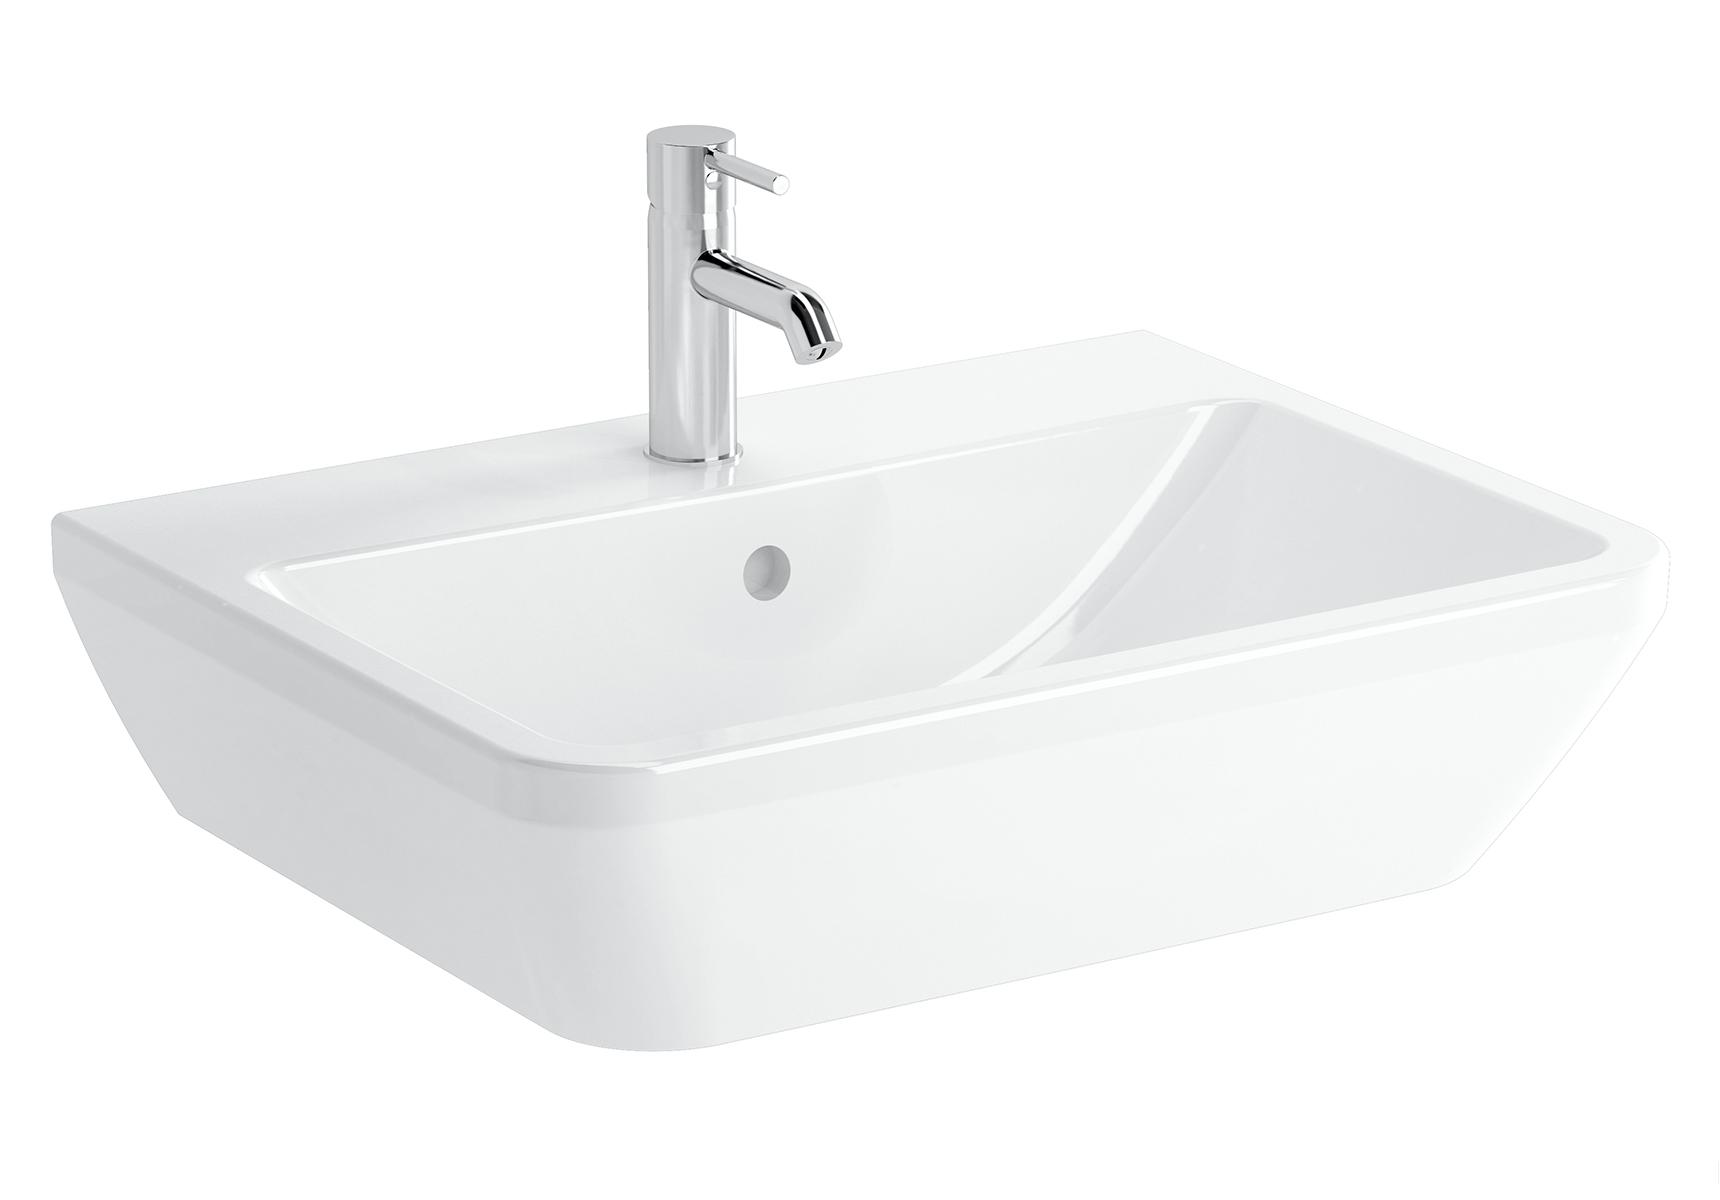 Integra lavabo carré, 65 cm, sans trou de robinet, avec trop-plein